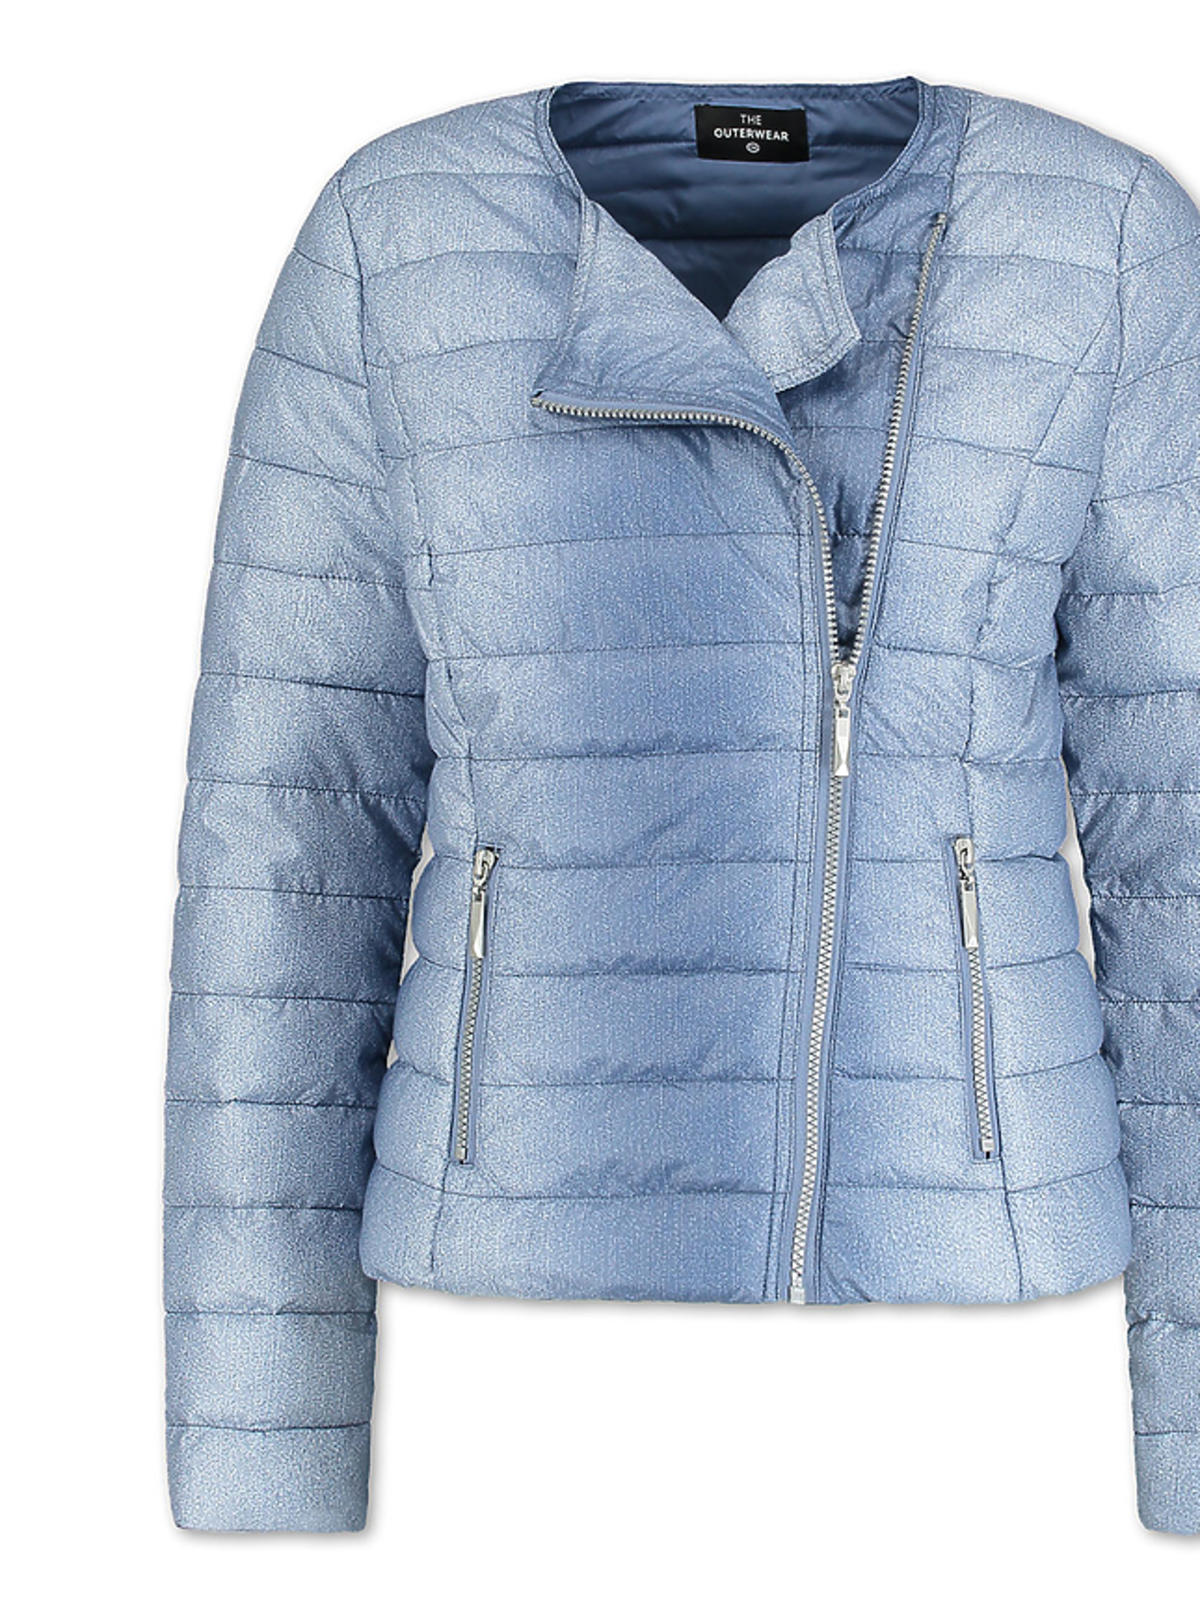 Pikowana kurtka, C&A, przeceniona z 249,00 zł na 129,00 zł